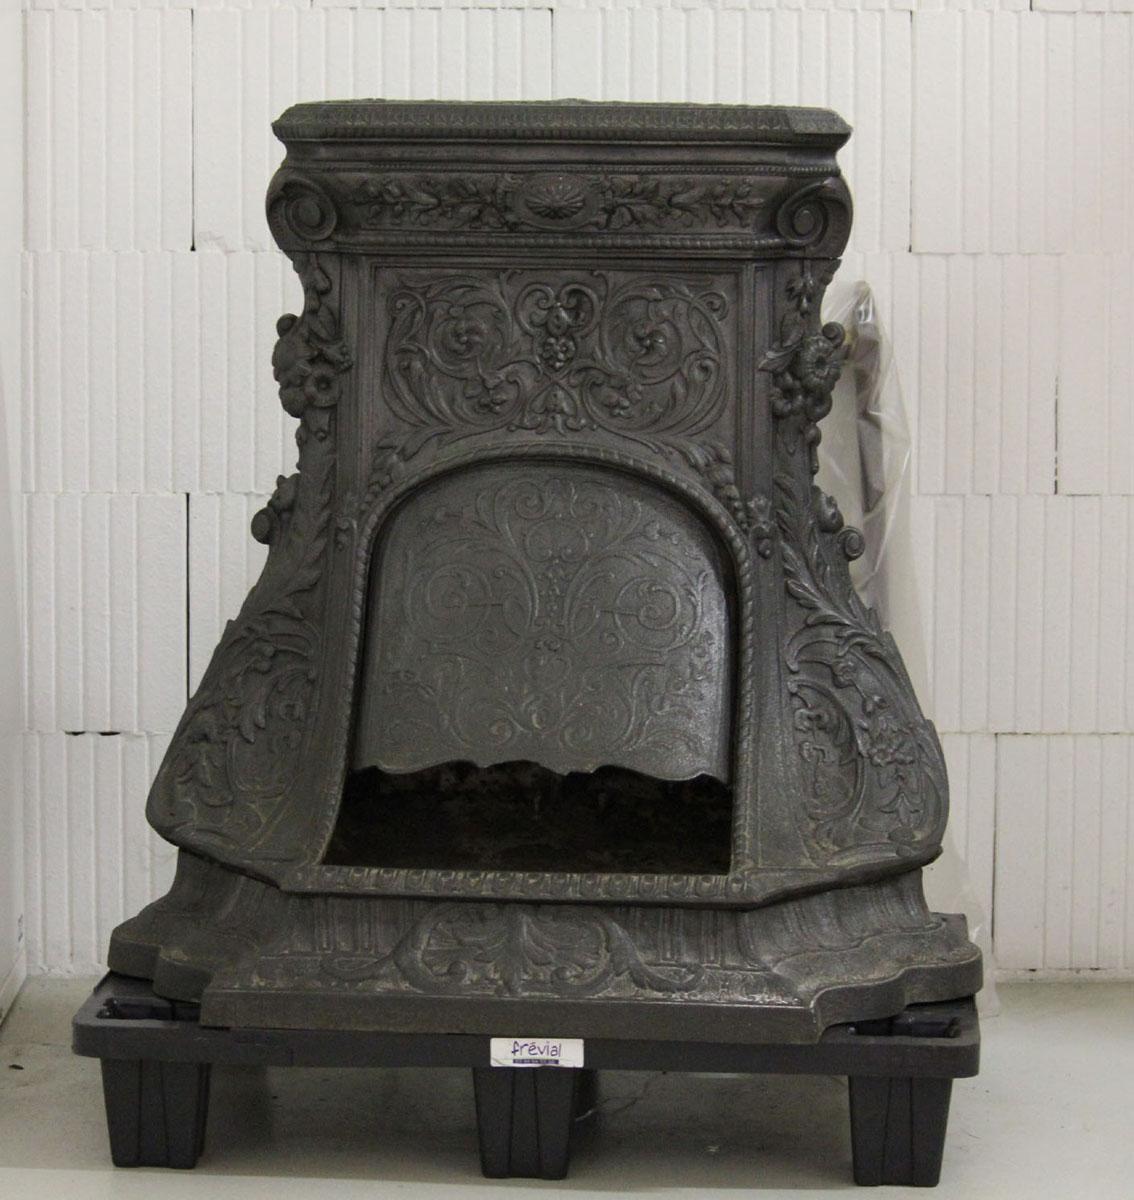 Vue de face de la cheminée n° 19 qui présente un riche décor